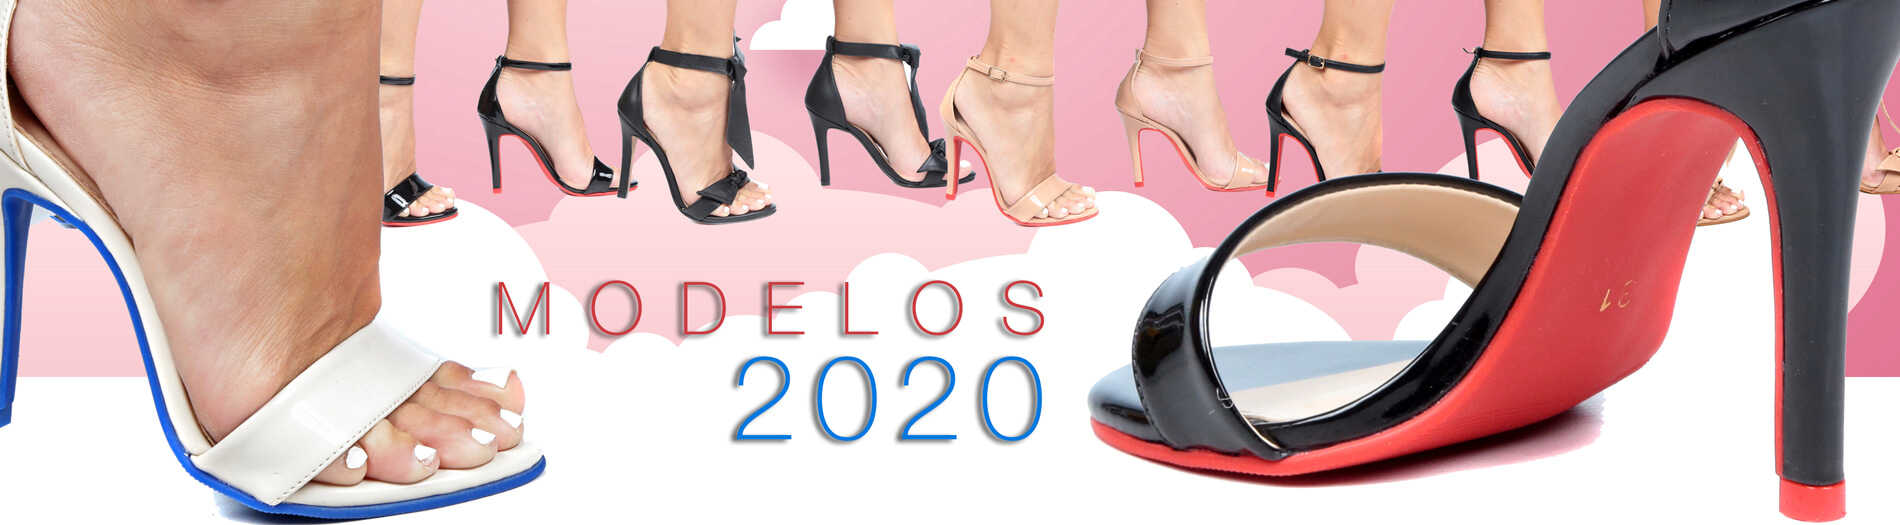 Novidades Fterna 2020